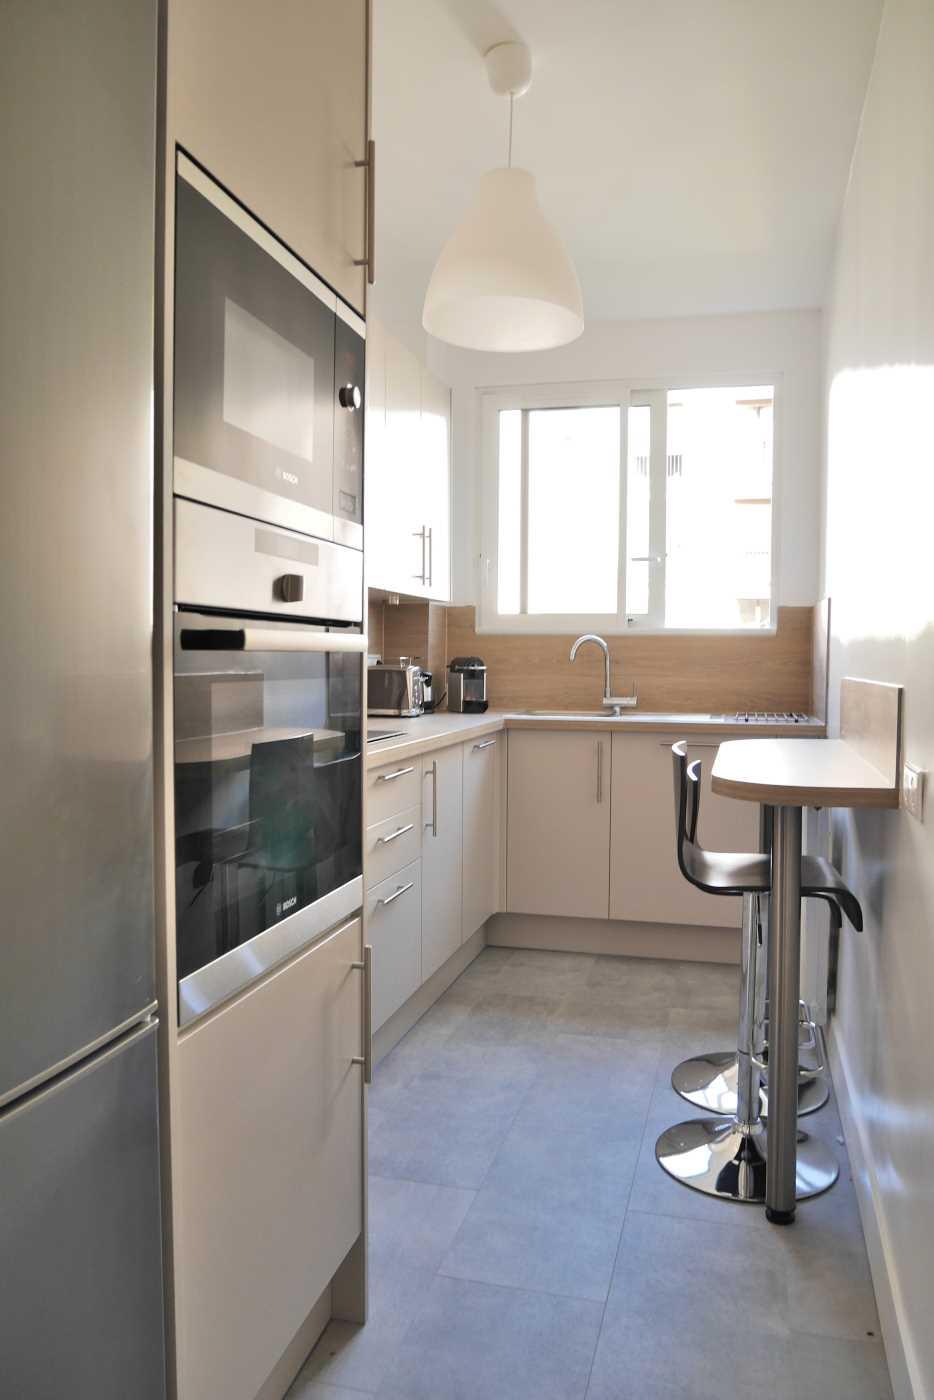 Location appartement meubl paris 16 cattalan johnson immobilier - Appartement meuble paris 16 ...